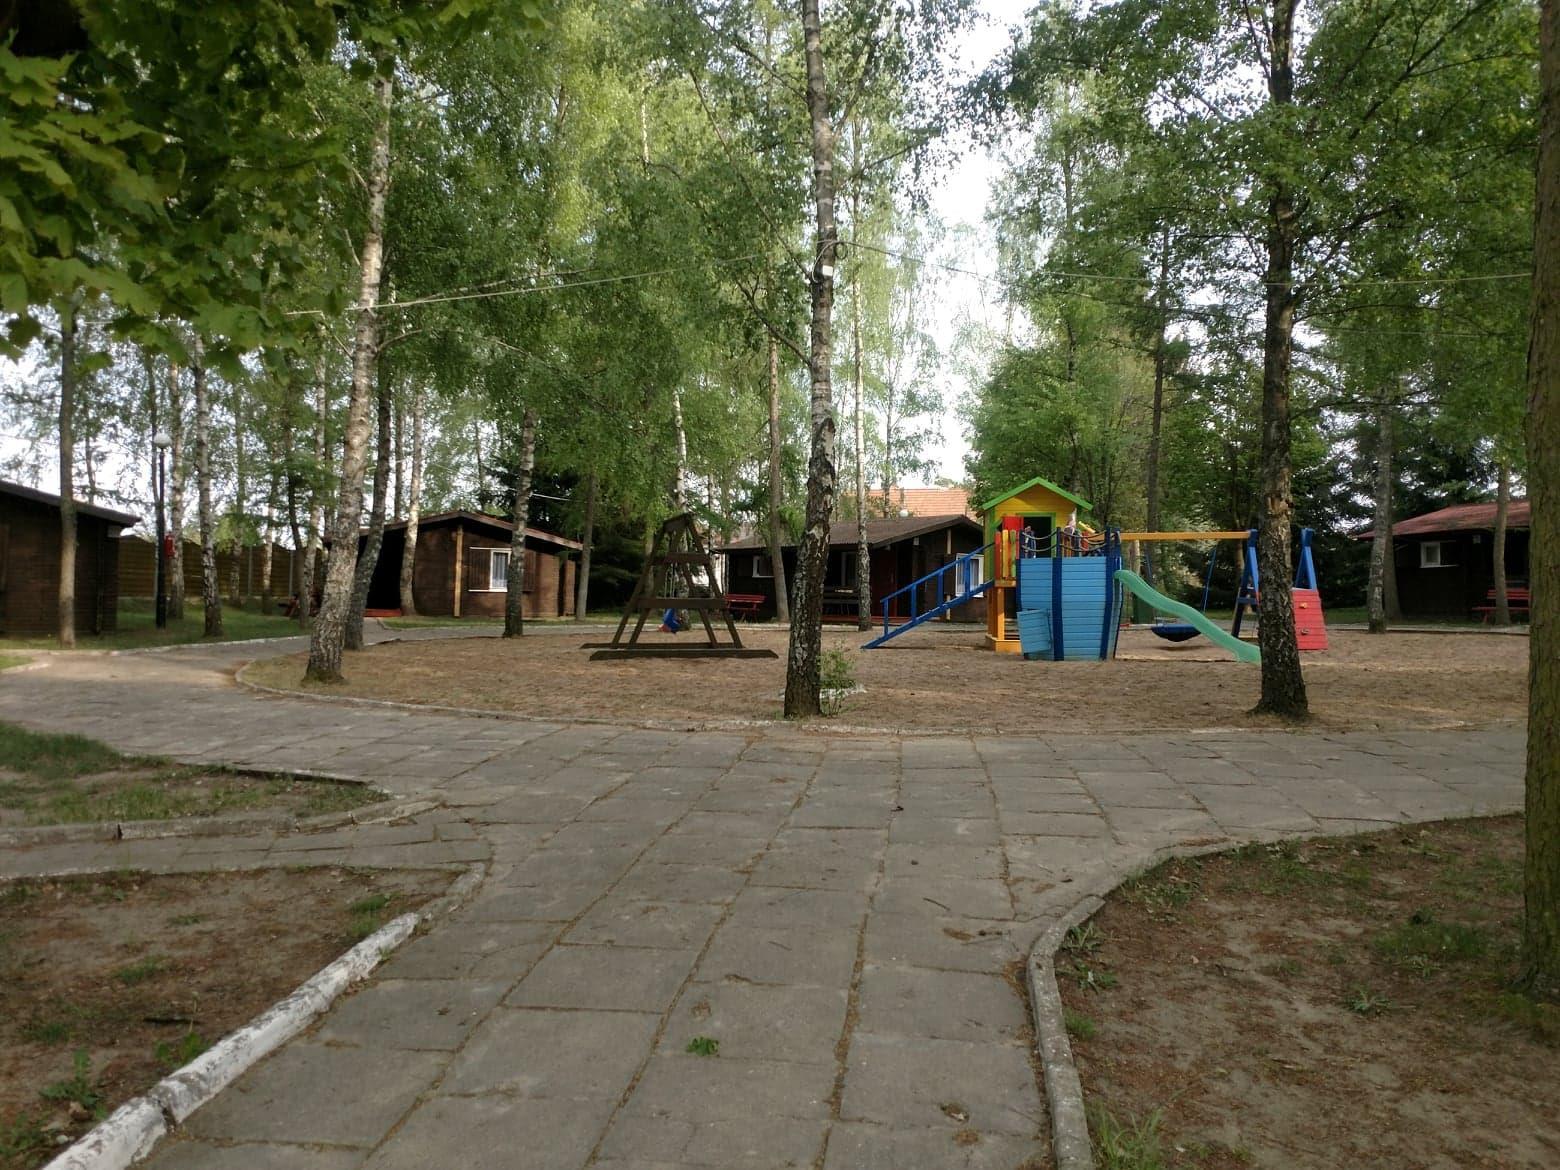 Teren ośrodka EKODAR - pole kempingowe